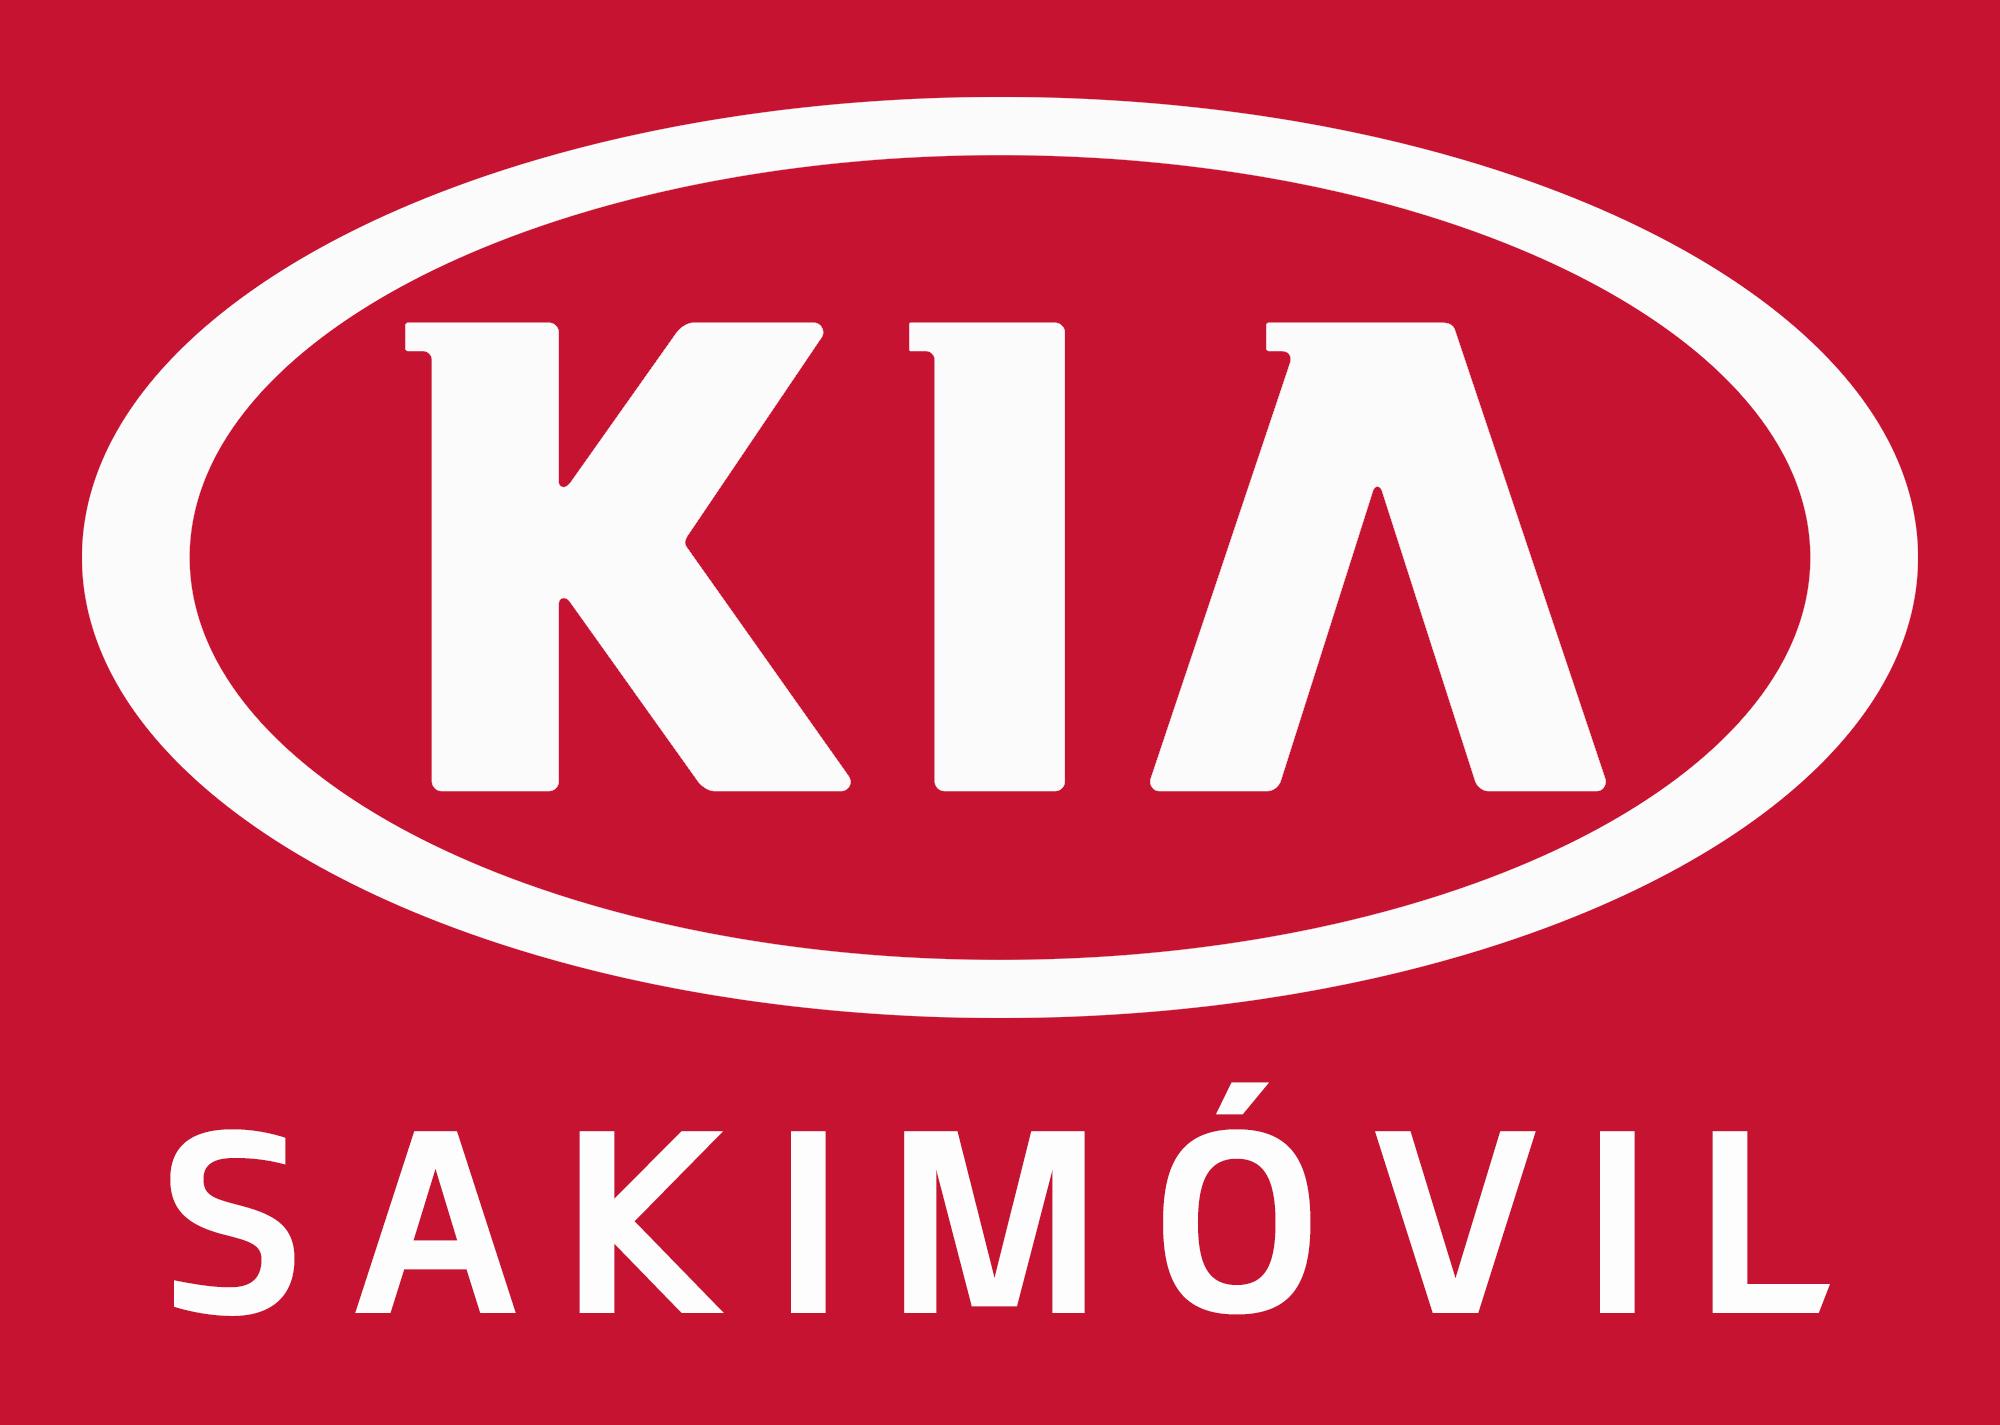 KIA_SAKIMOVIL_fondoROJO_HD